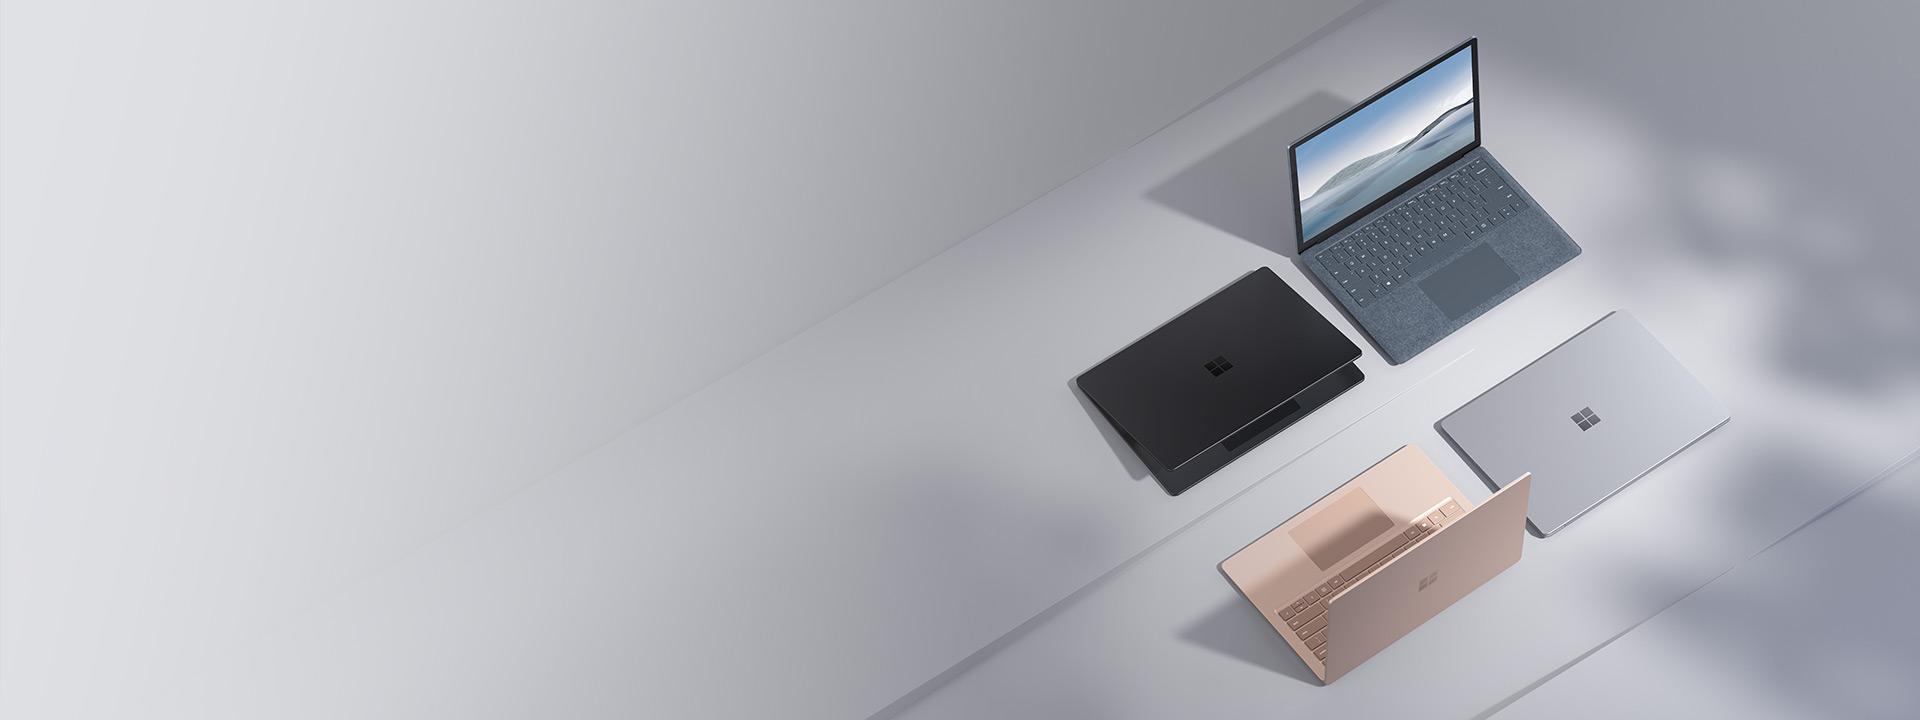 全新 Surface 系列